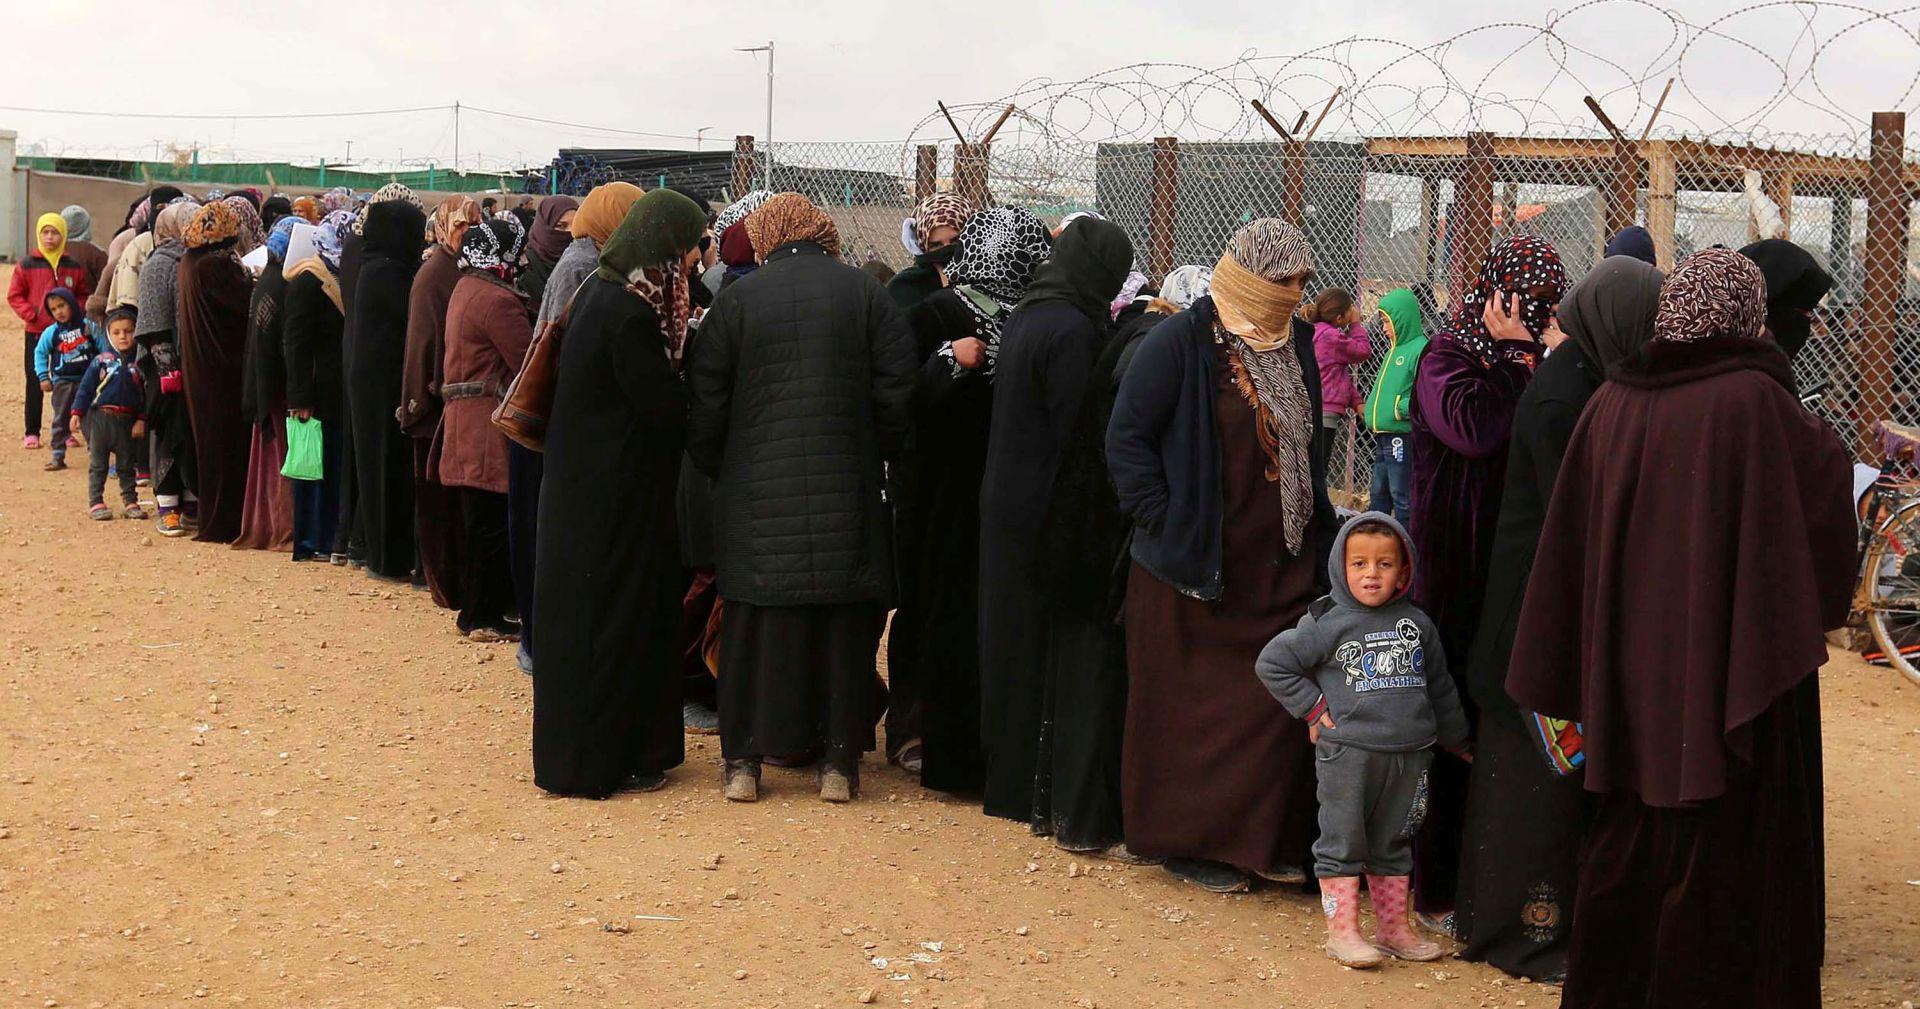 JORDANSKI KRALJ Naša zemlja je pred 'točkom pucanja' zbog stotina tisuća izbjeglica